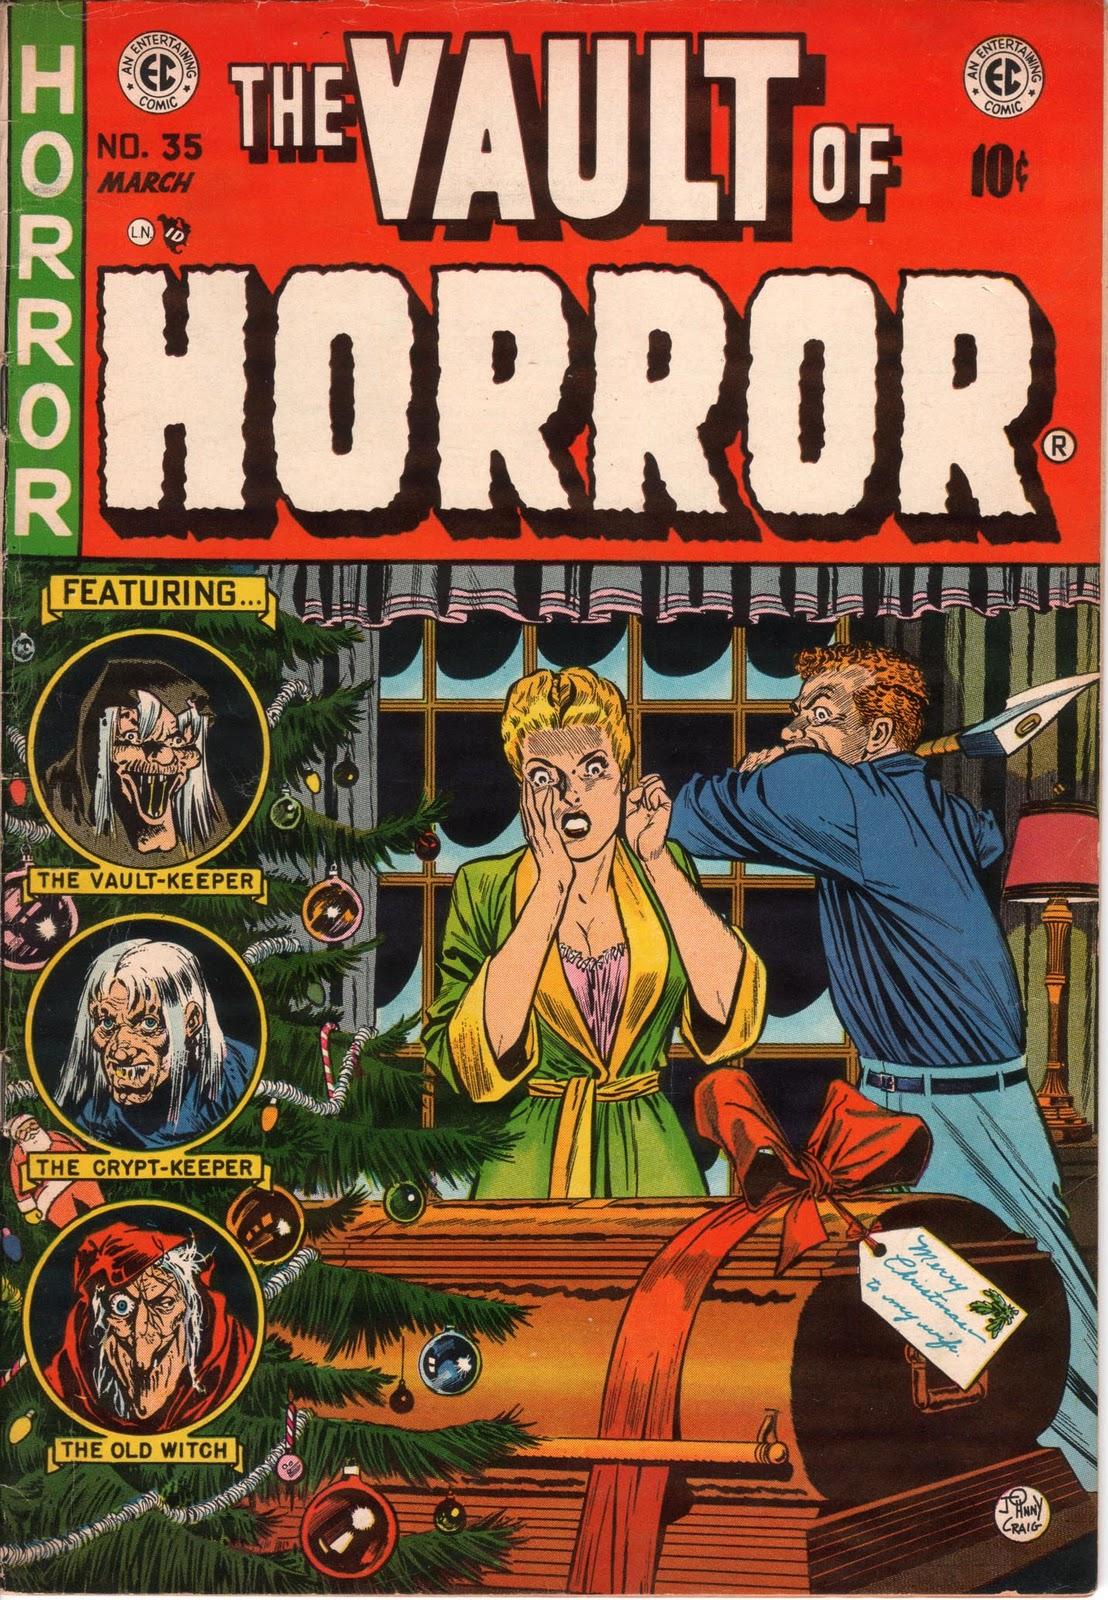 http://2.bp.blogspot.com/_RVLJm9IHkZk/TL3F5r5eMMI/AAAAAAAACwo/HO5FZj2nLs0/s1600/Vault_of_Horror_no+35_vol+1+1954.jpg